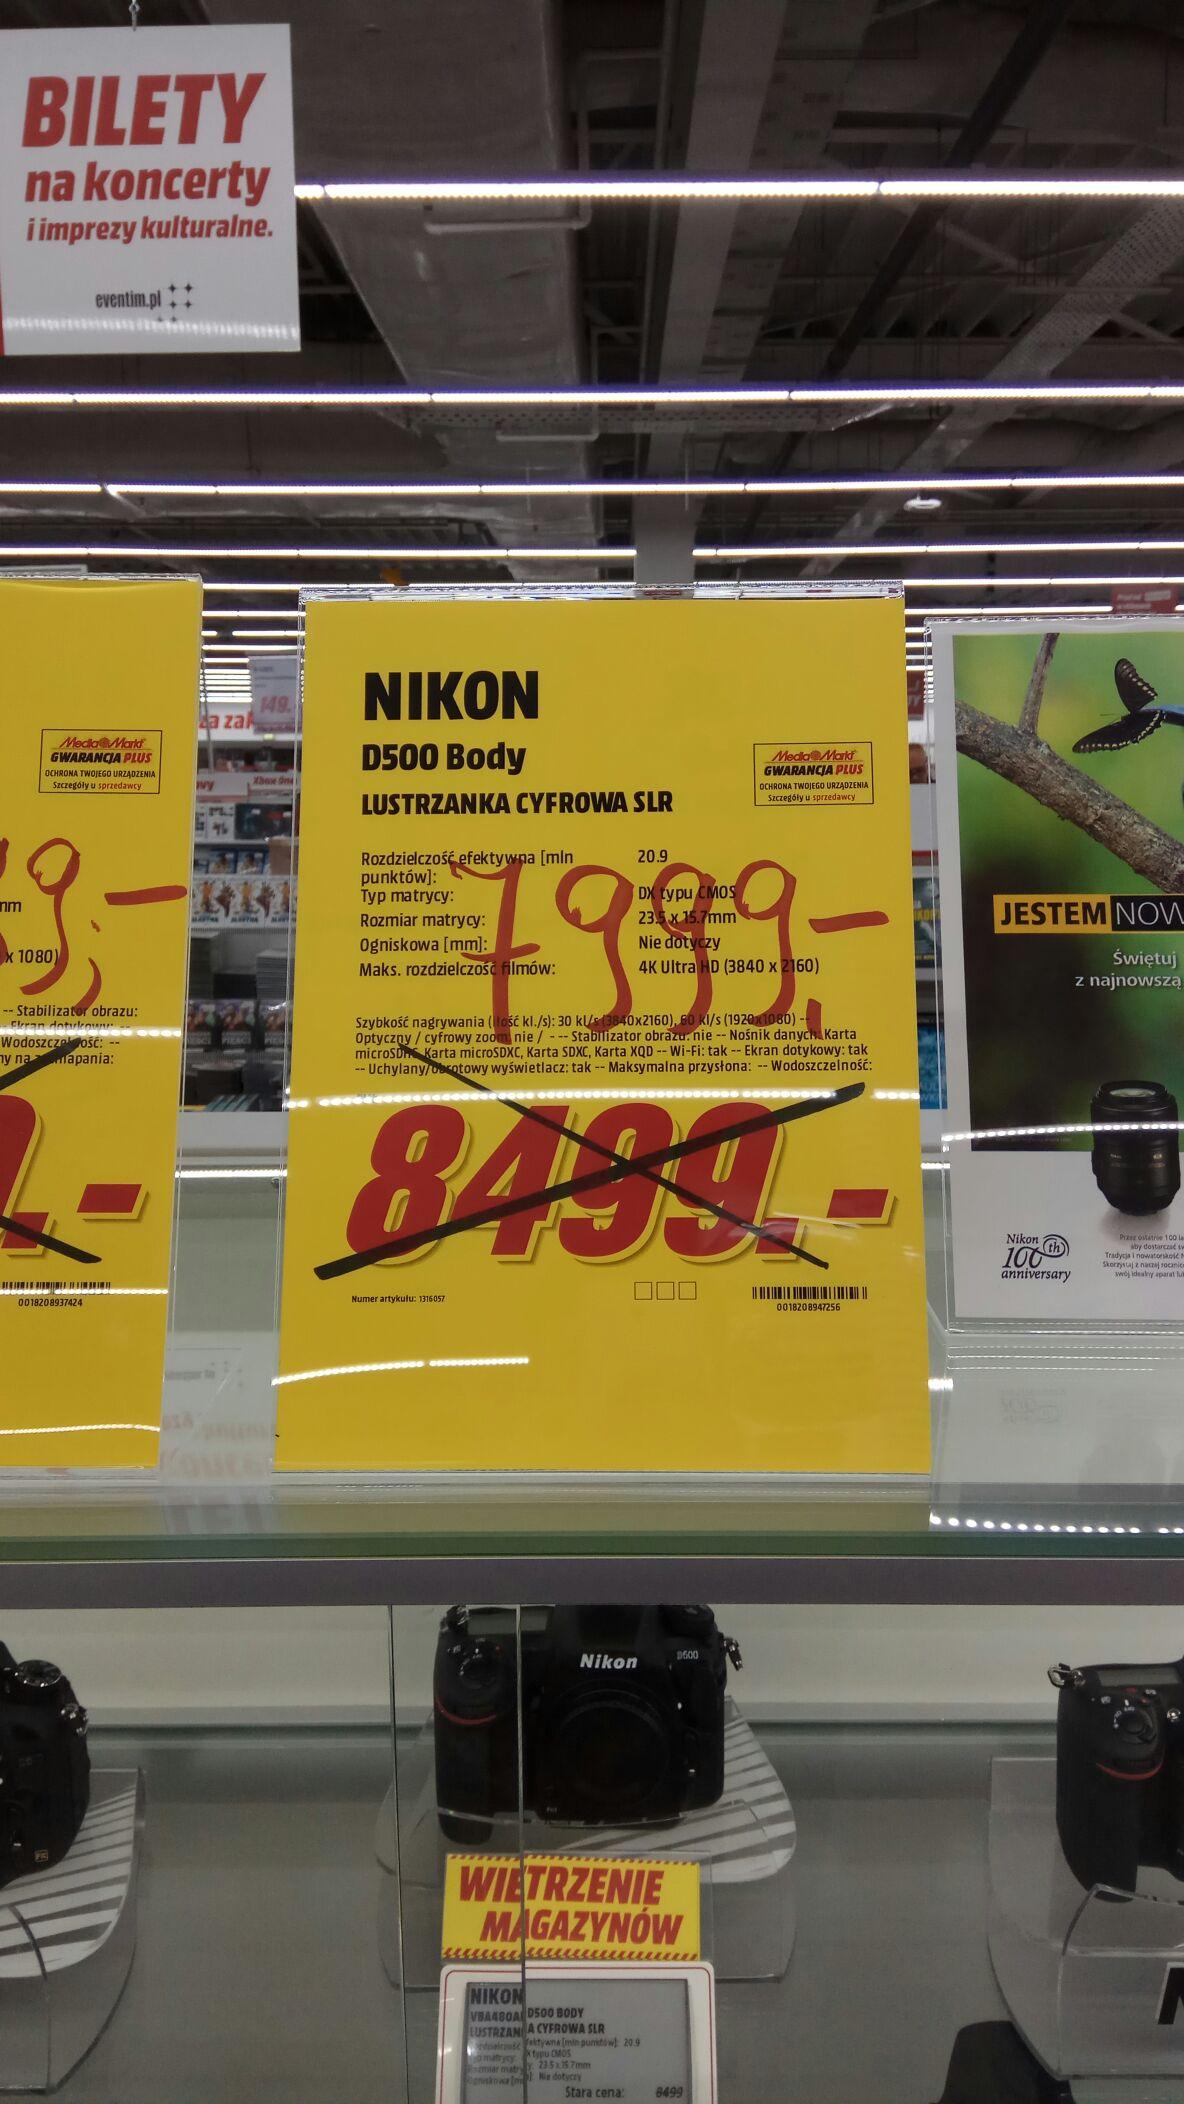 Nikon D500 MediaMarkt Olsztyn -750zł